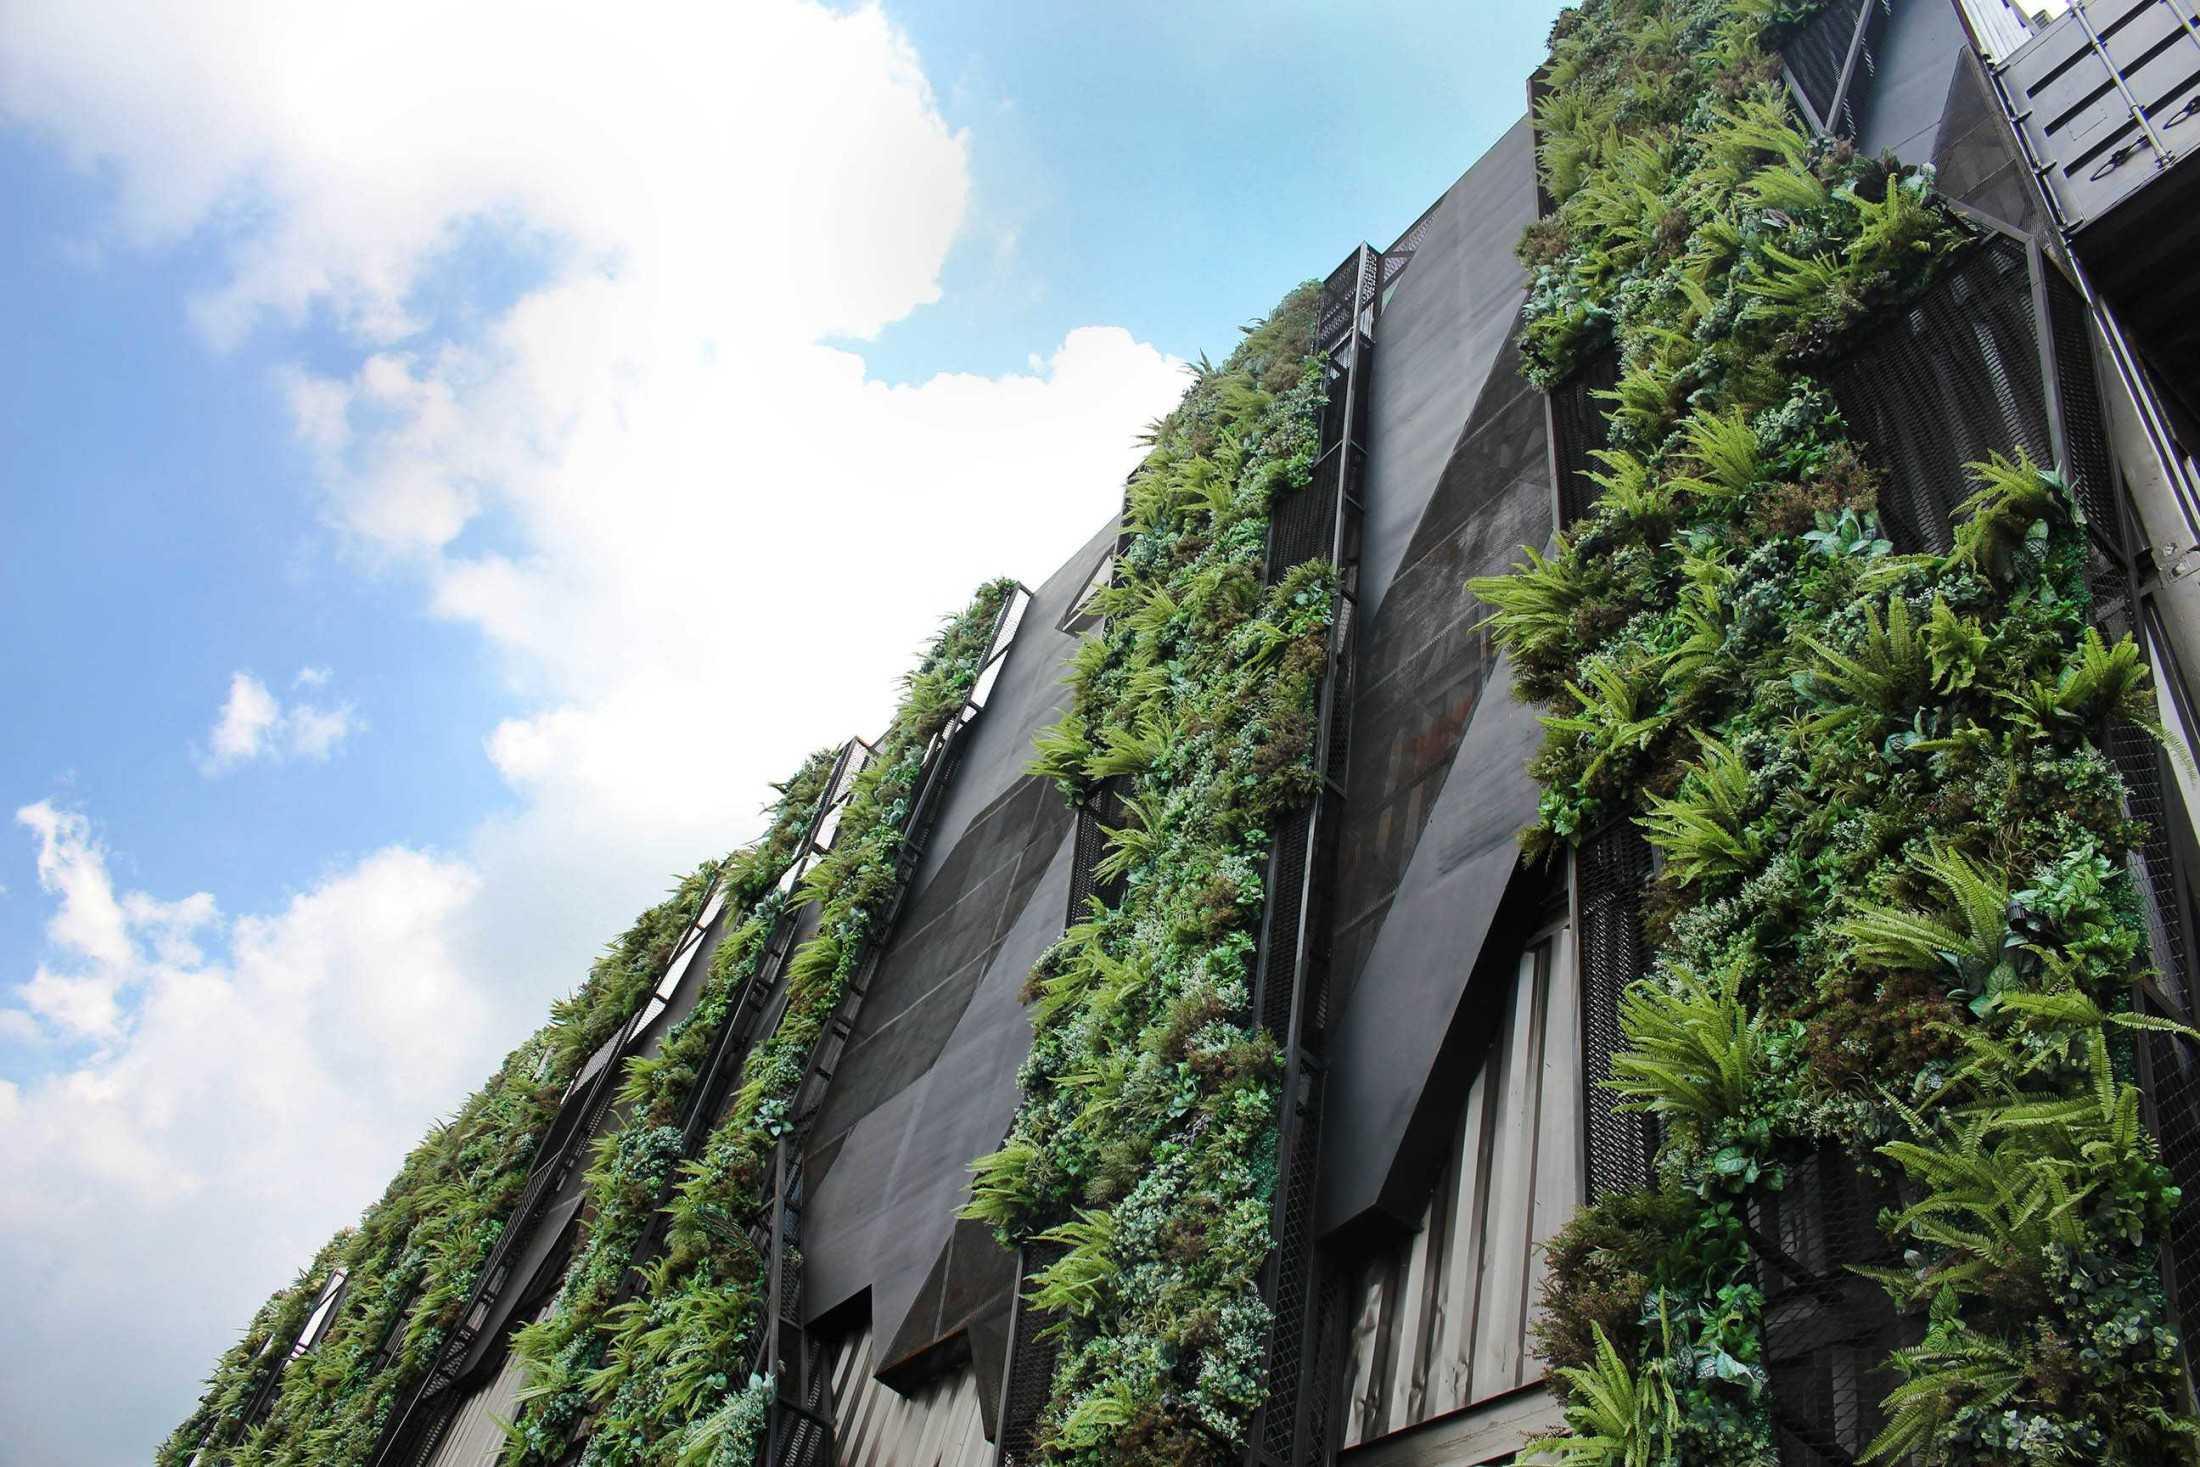 X3M Architects Qubika Hotel Medang, Kec. Pagedangan, Tangerang, Banten 15334, Indonesia Medang, Kec. Pagedangan, Tangerang, Banten 15334, Indonesia X3M-Architects-Qubika-Hotel  94824